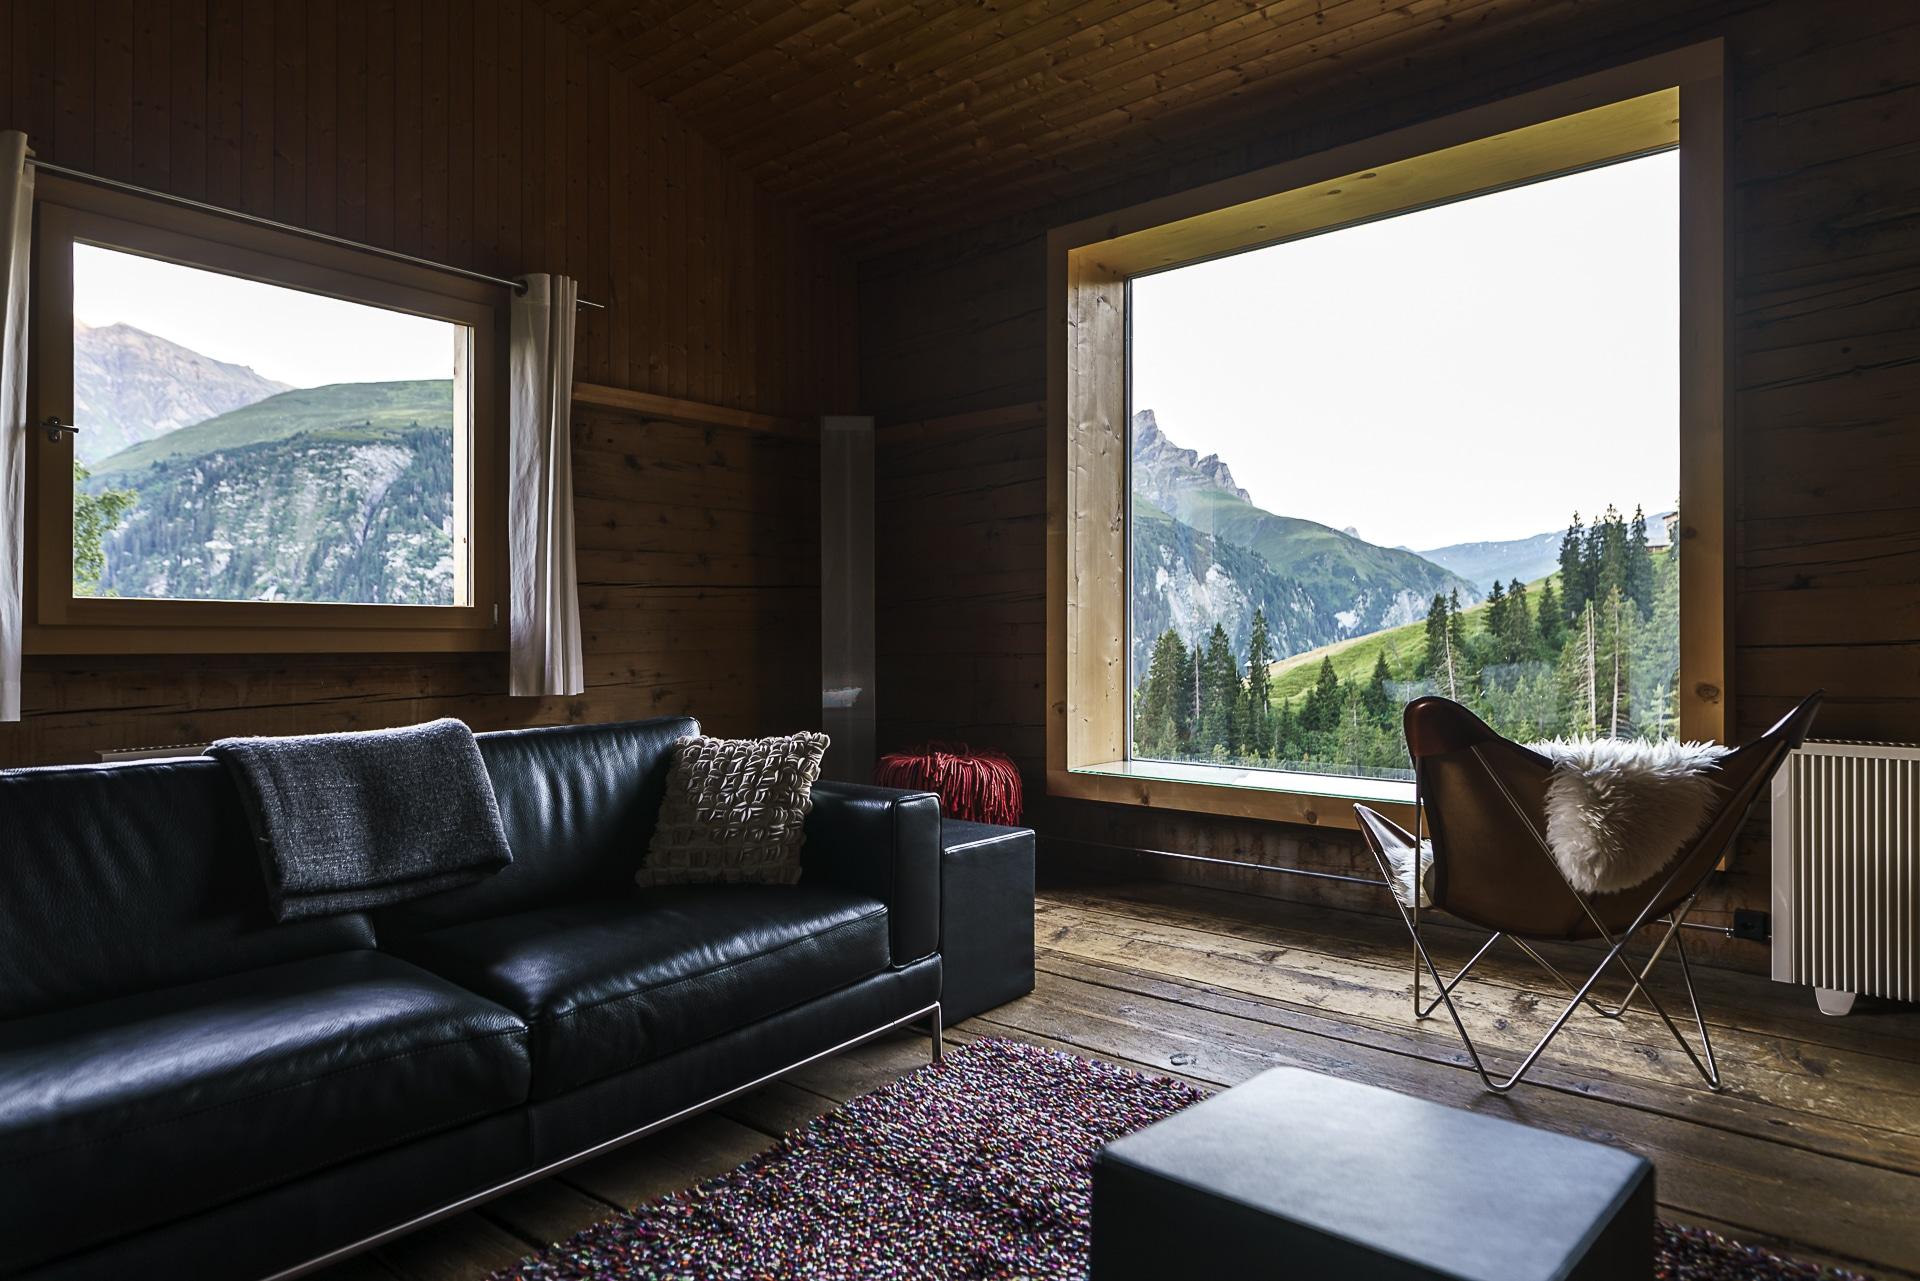 Safiental - Natur pur auf dem Walserweg - Wandertipps